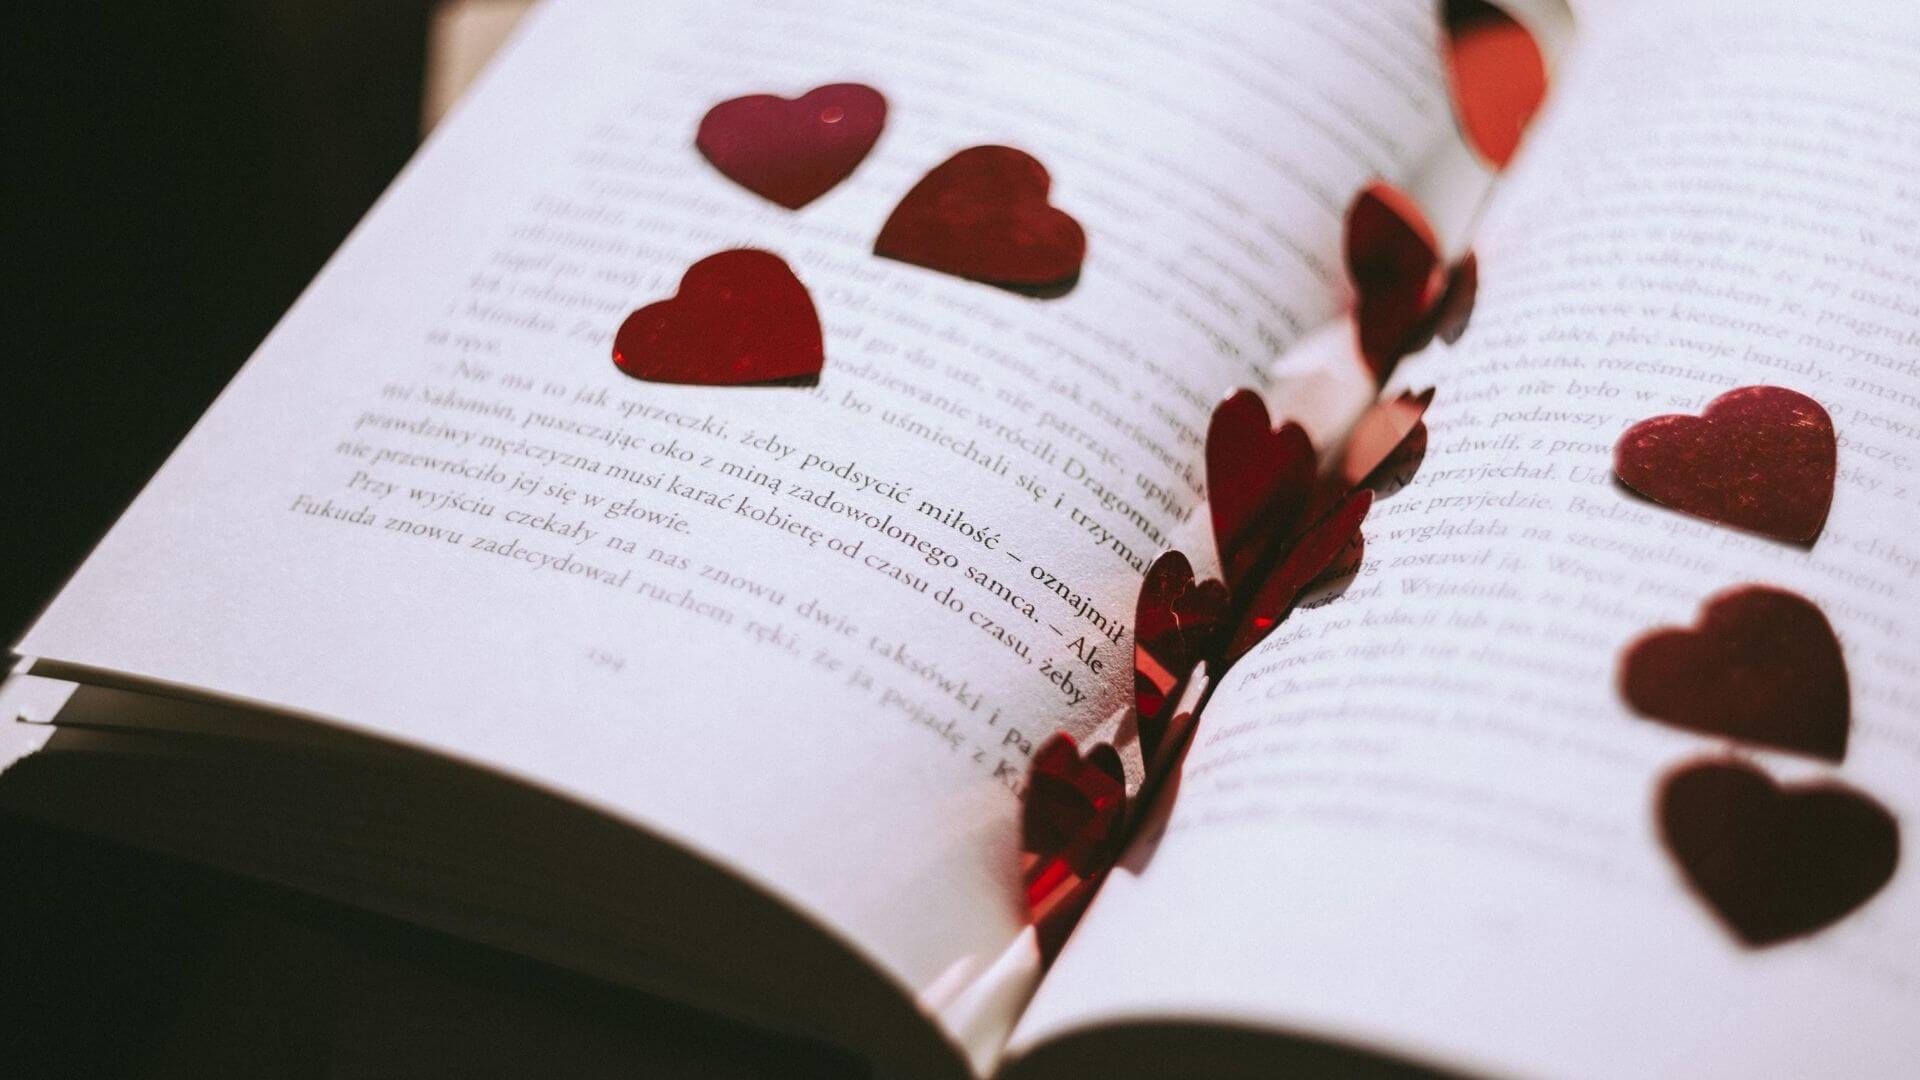 corazón comprometido